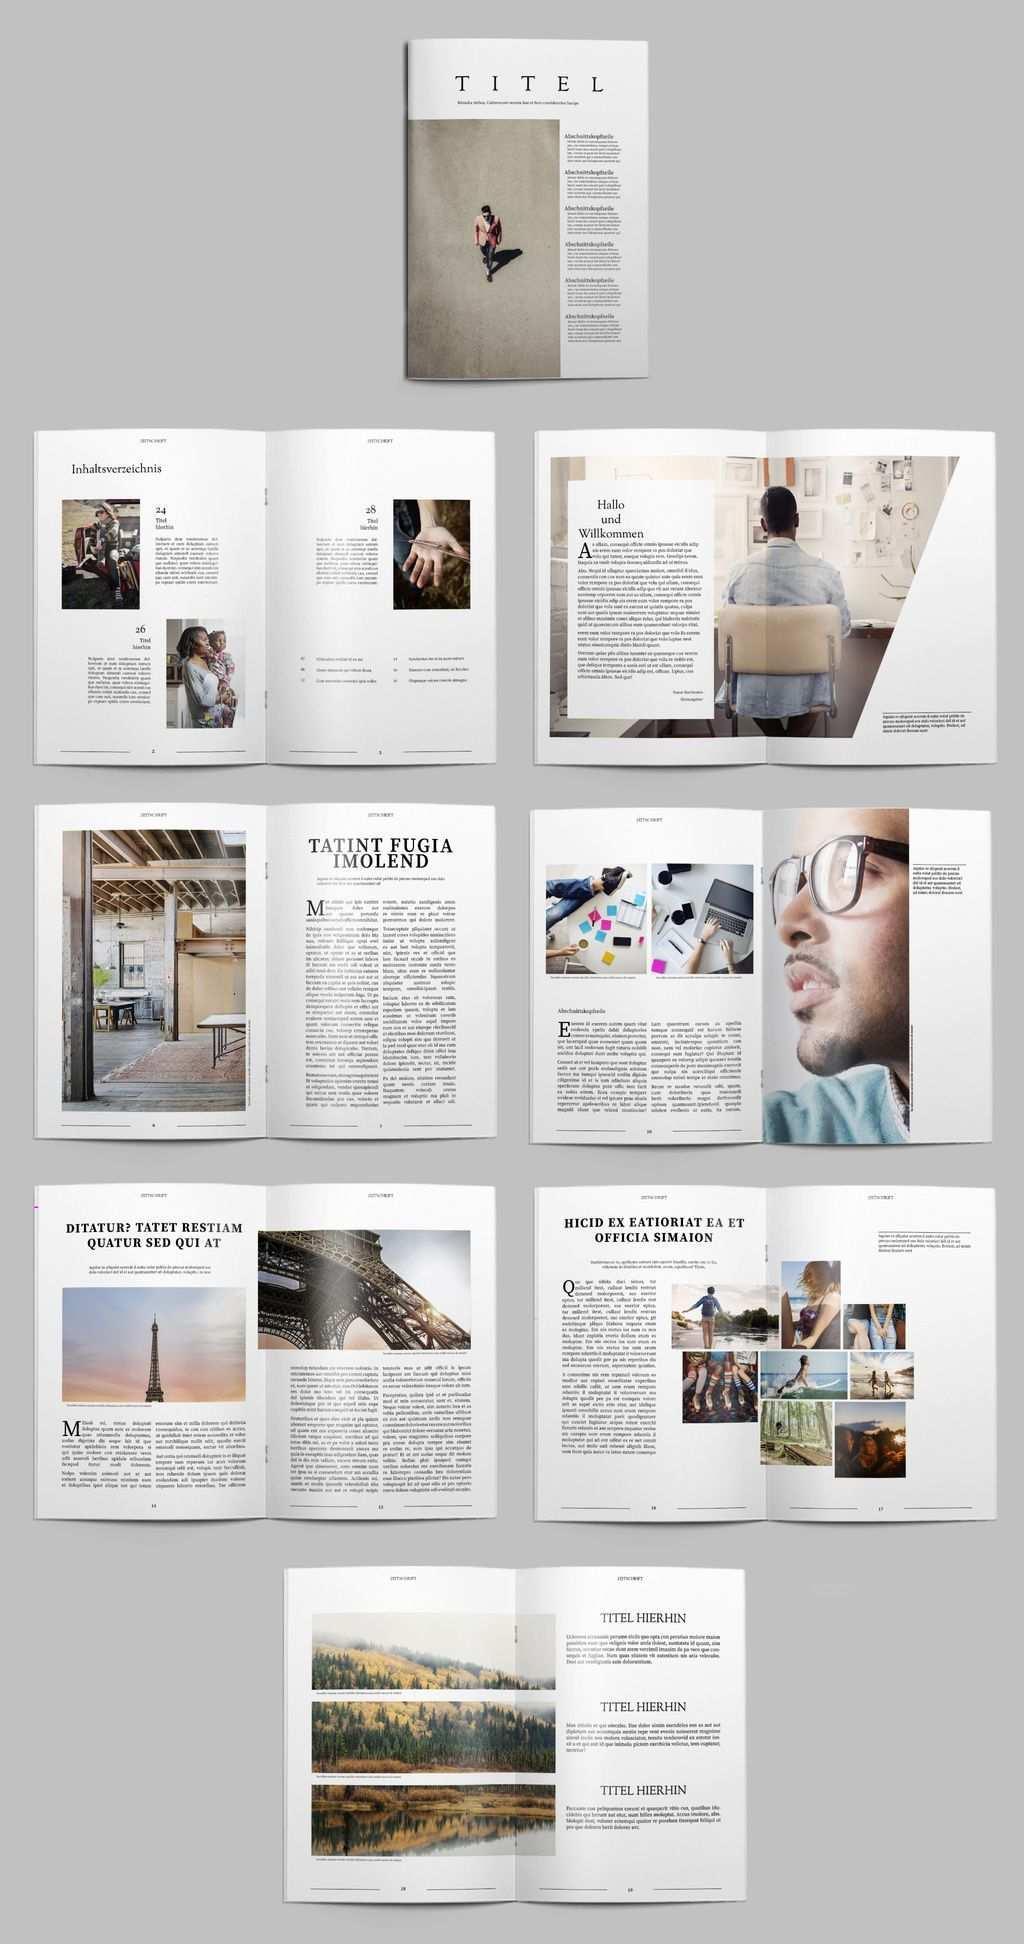 Archivfotos Lizenzfreie Bilder Grafiken Vektoren Und Videos Indesign Vorlagen Bookletgestaltung Broschurendesign